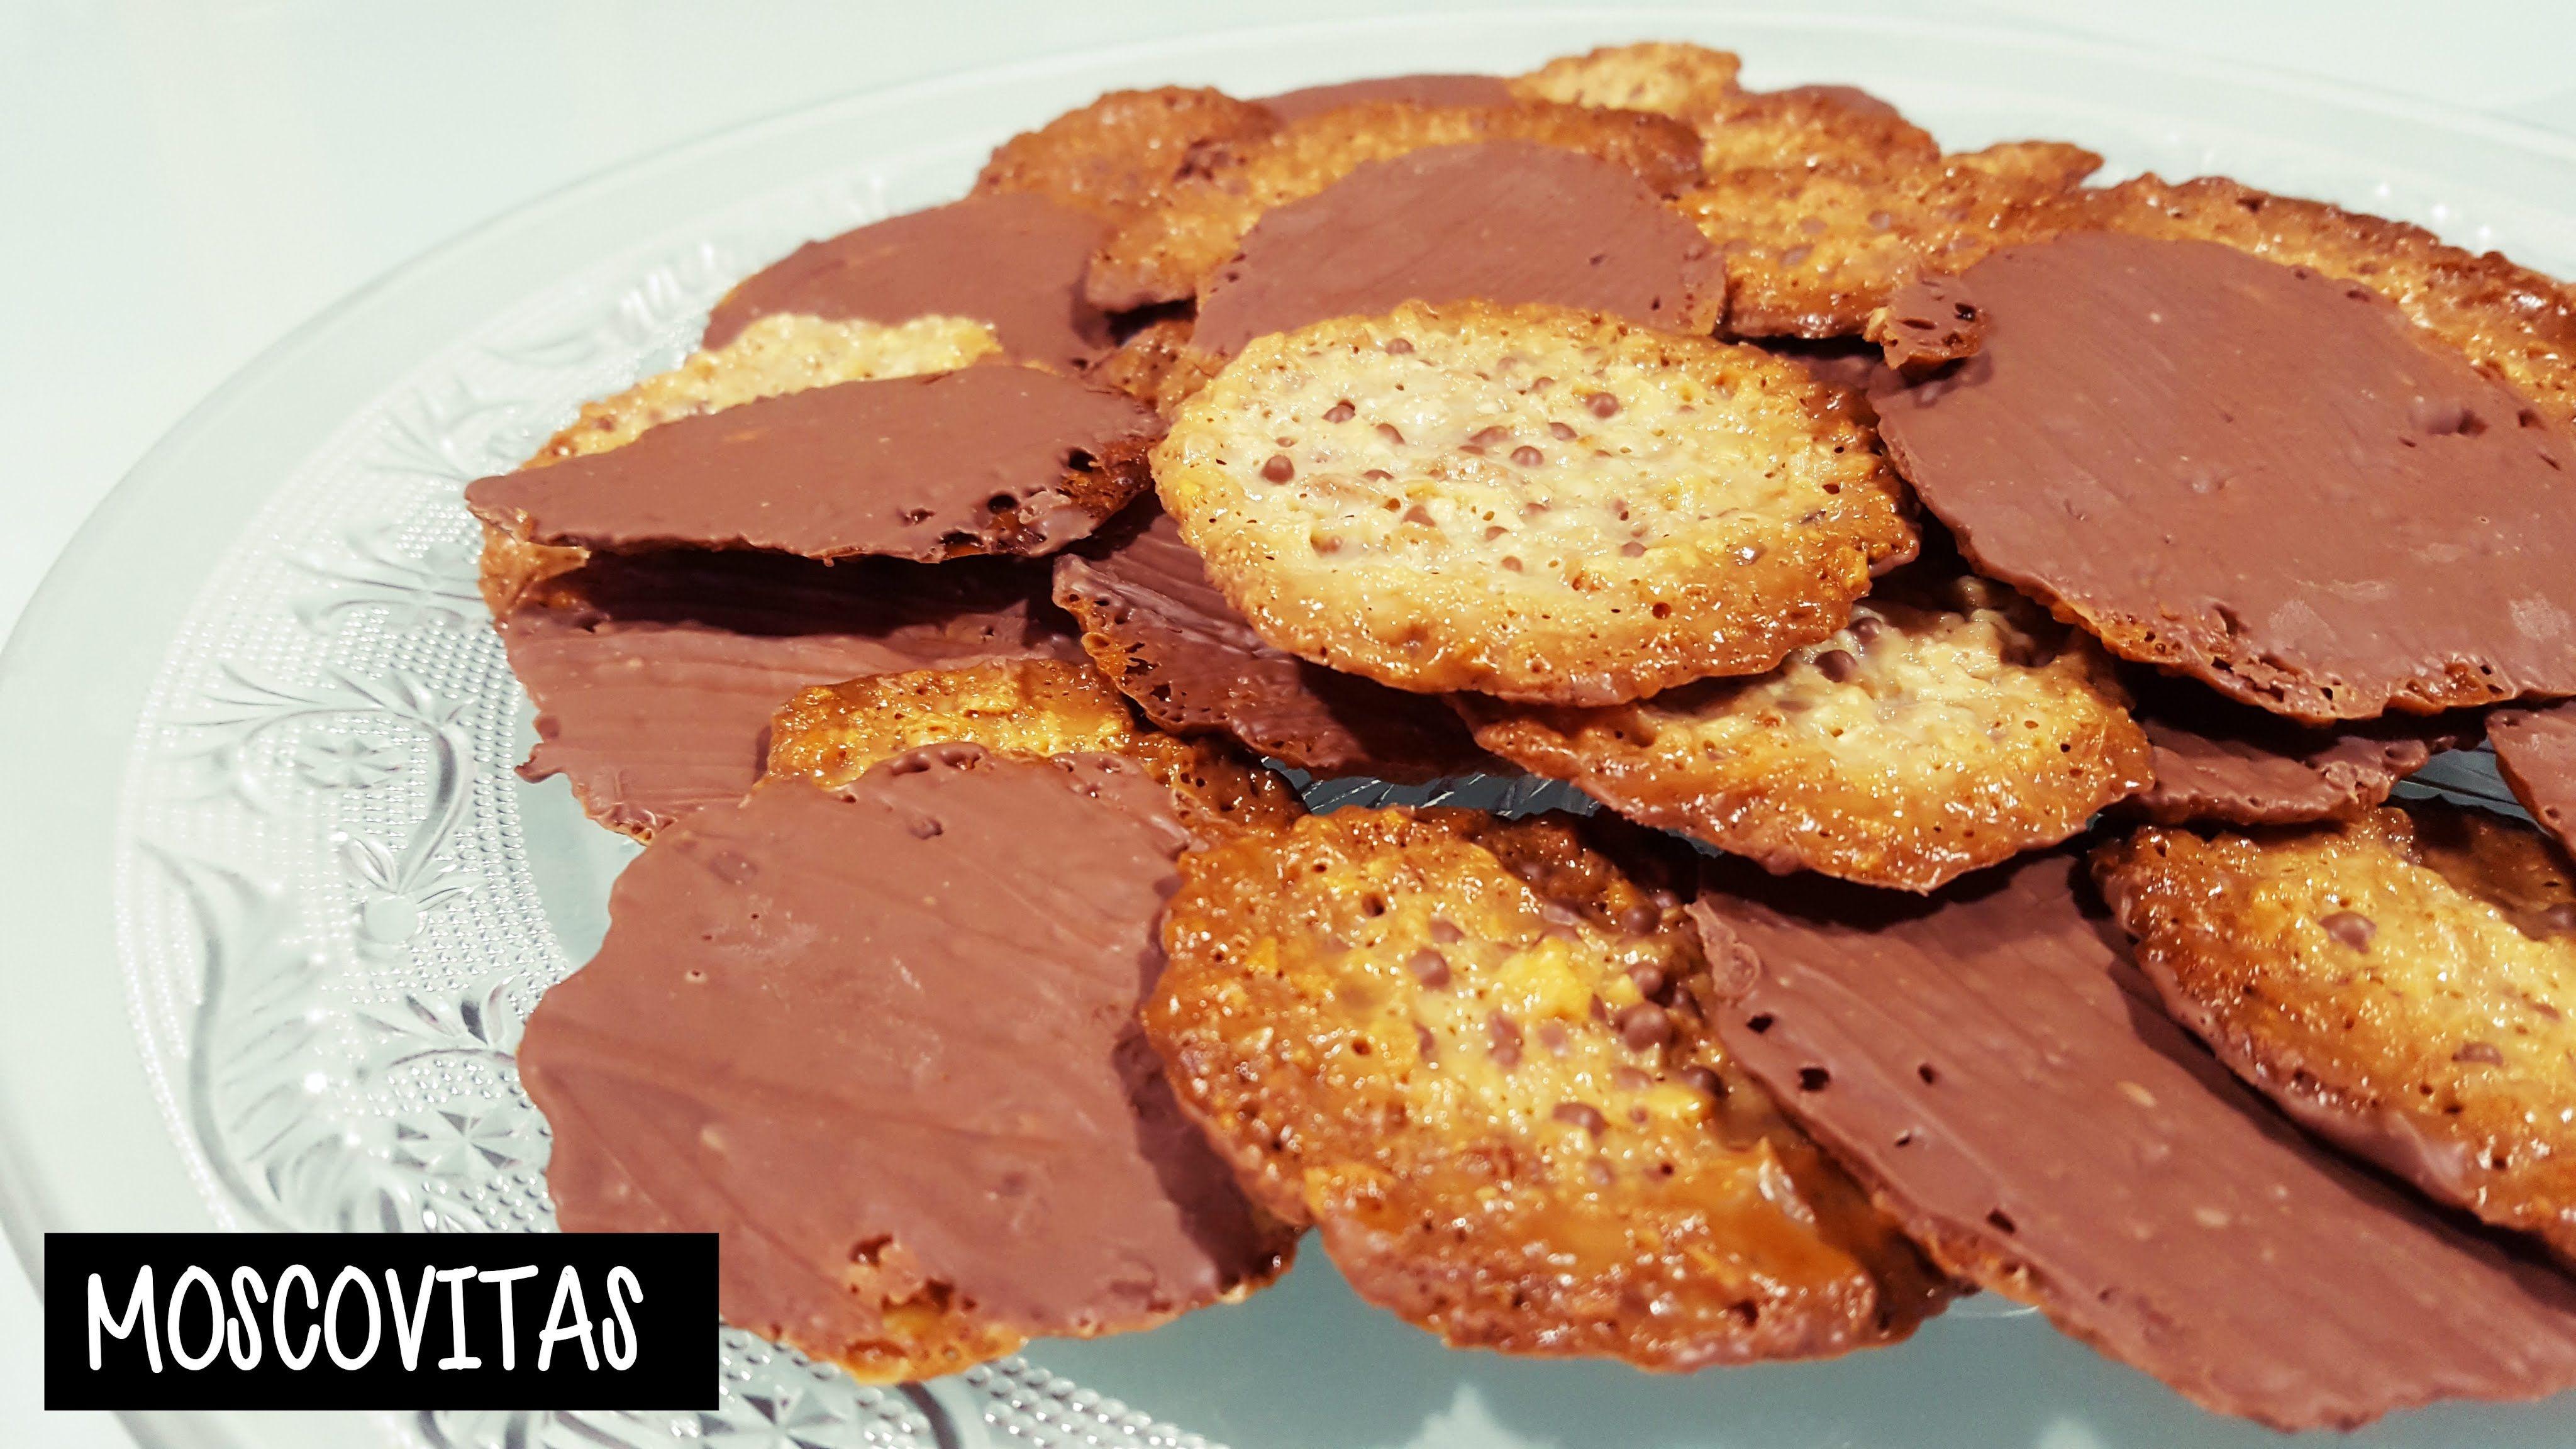 Moscovitas De Rialto Oviedo Galletas De Almendra Y Chocolate